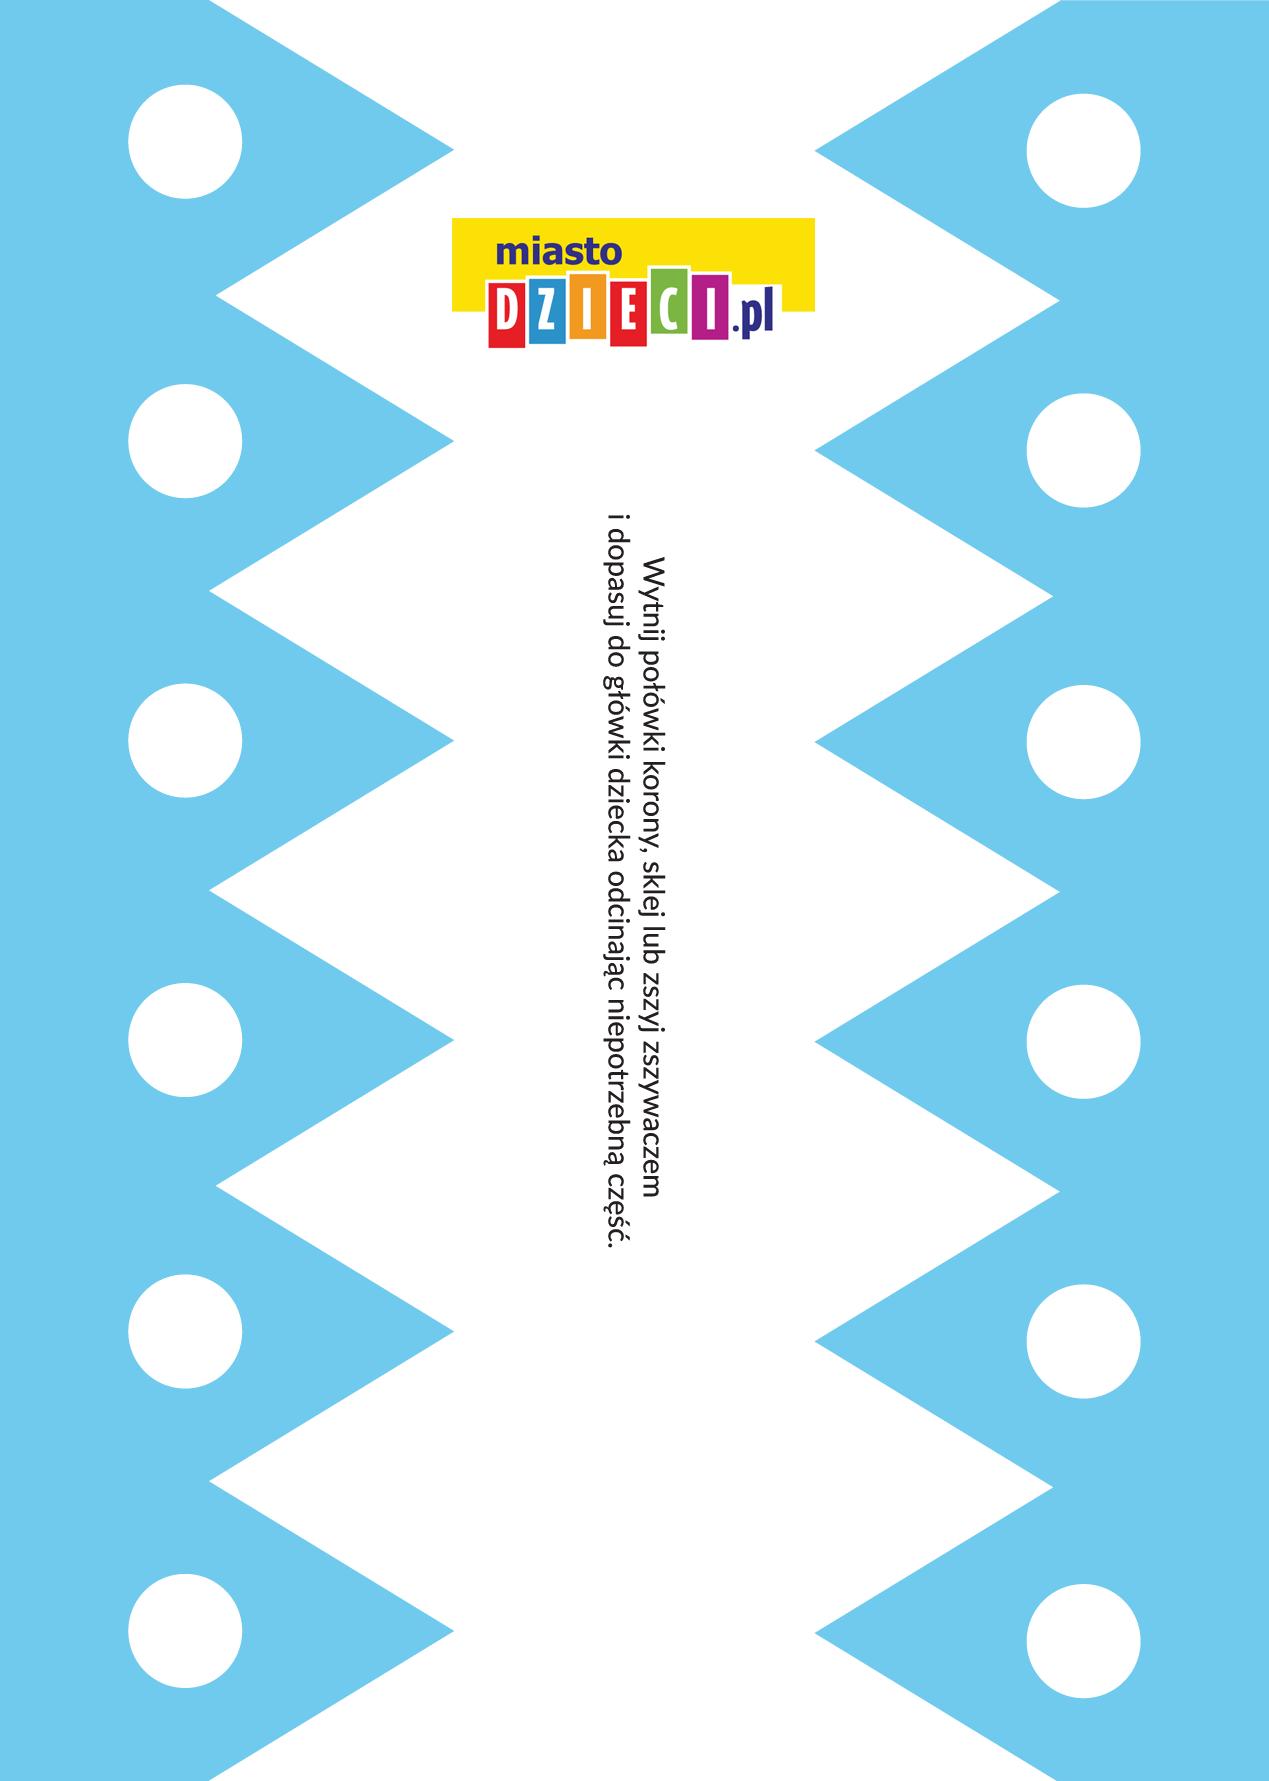 niebieska korona diy dla dziecka szablony do druku dla dzieci MiastoDzieci.pl